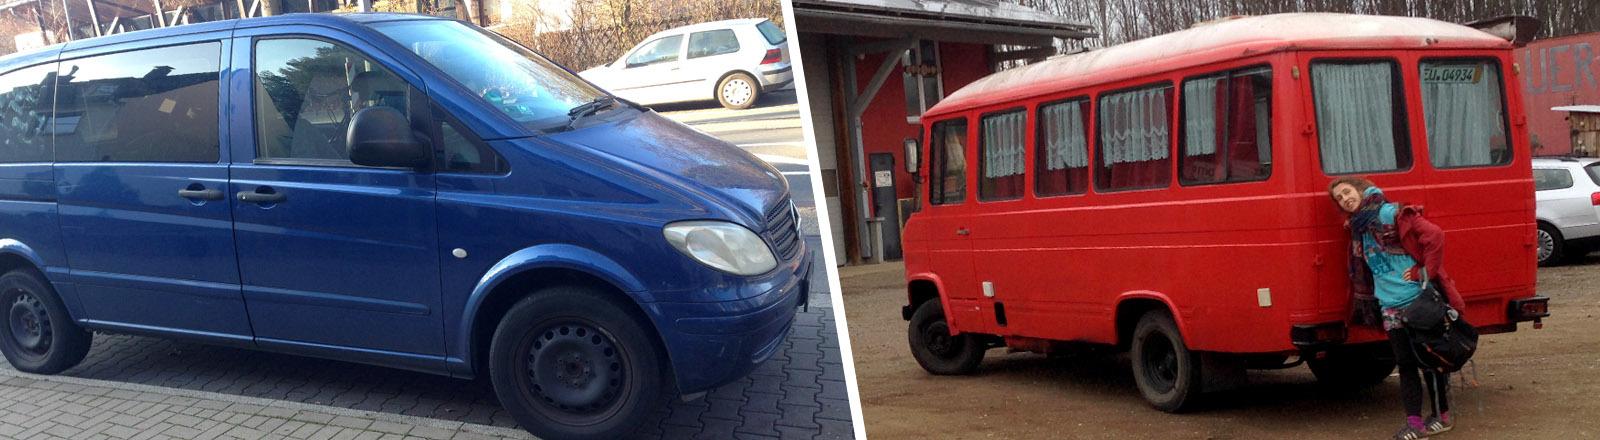 Reporterin Julia Demming verkauft ihren alten Diesel, um sich einen noch älteren Diesel-Transporter zuzulegen.